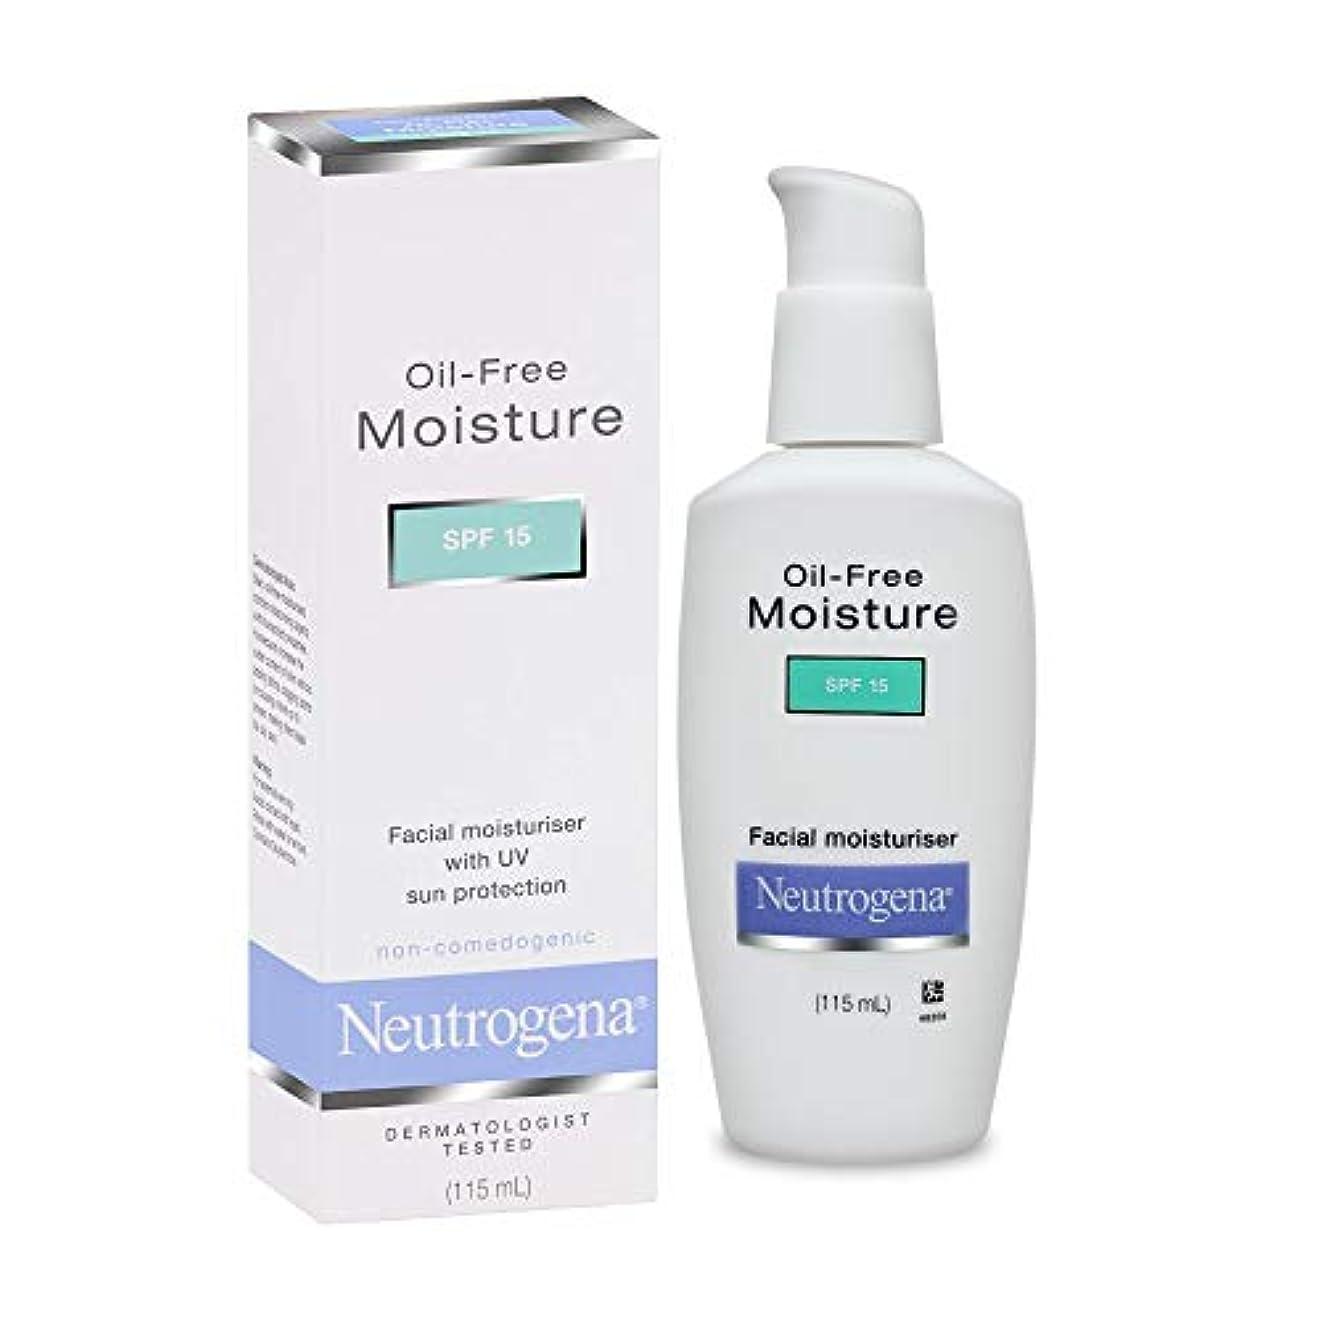 言語落とし穴苦痛Neutrogena Deep Clean Oil-Free Moisture SPF15, 115ml